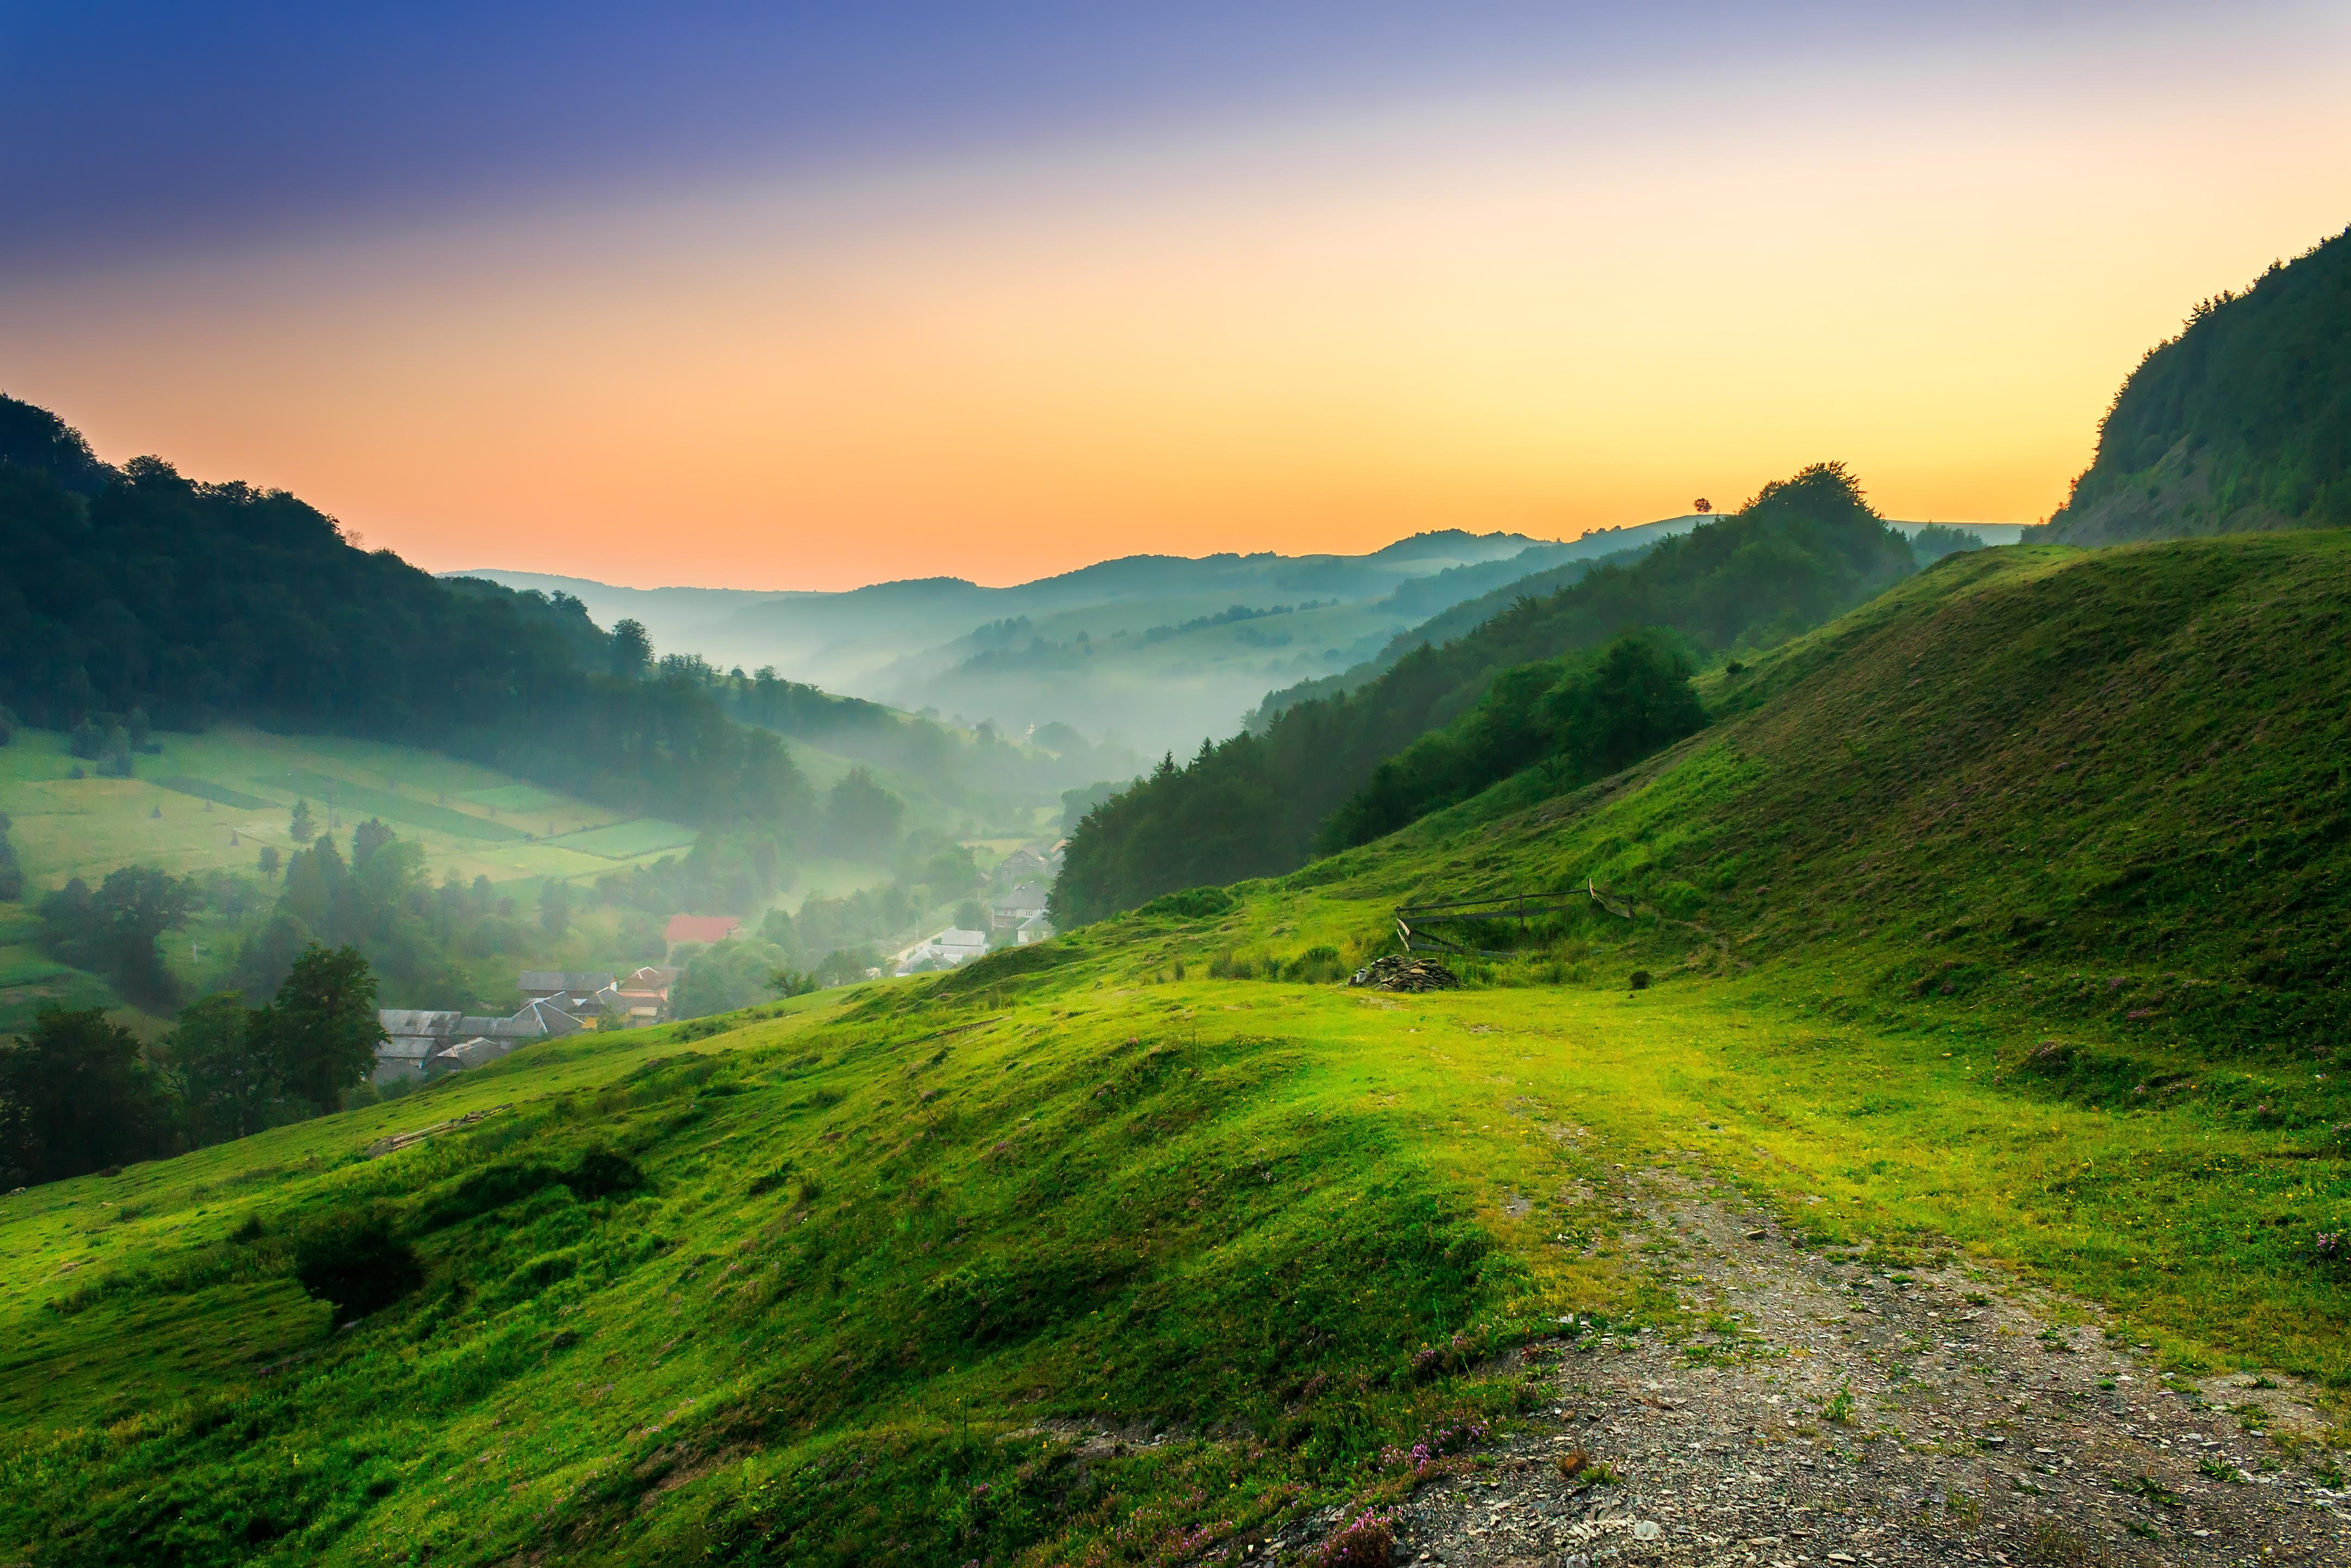 Солнце, рассвет, горы, холмы, дорога  № 3302181 без смс